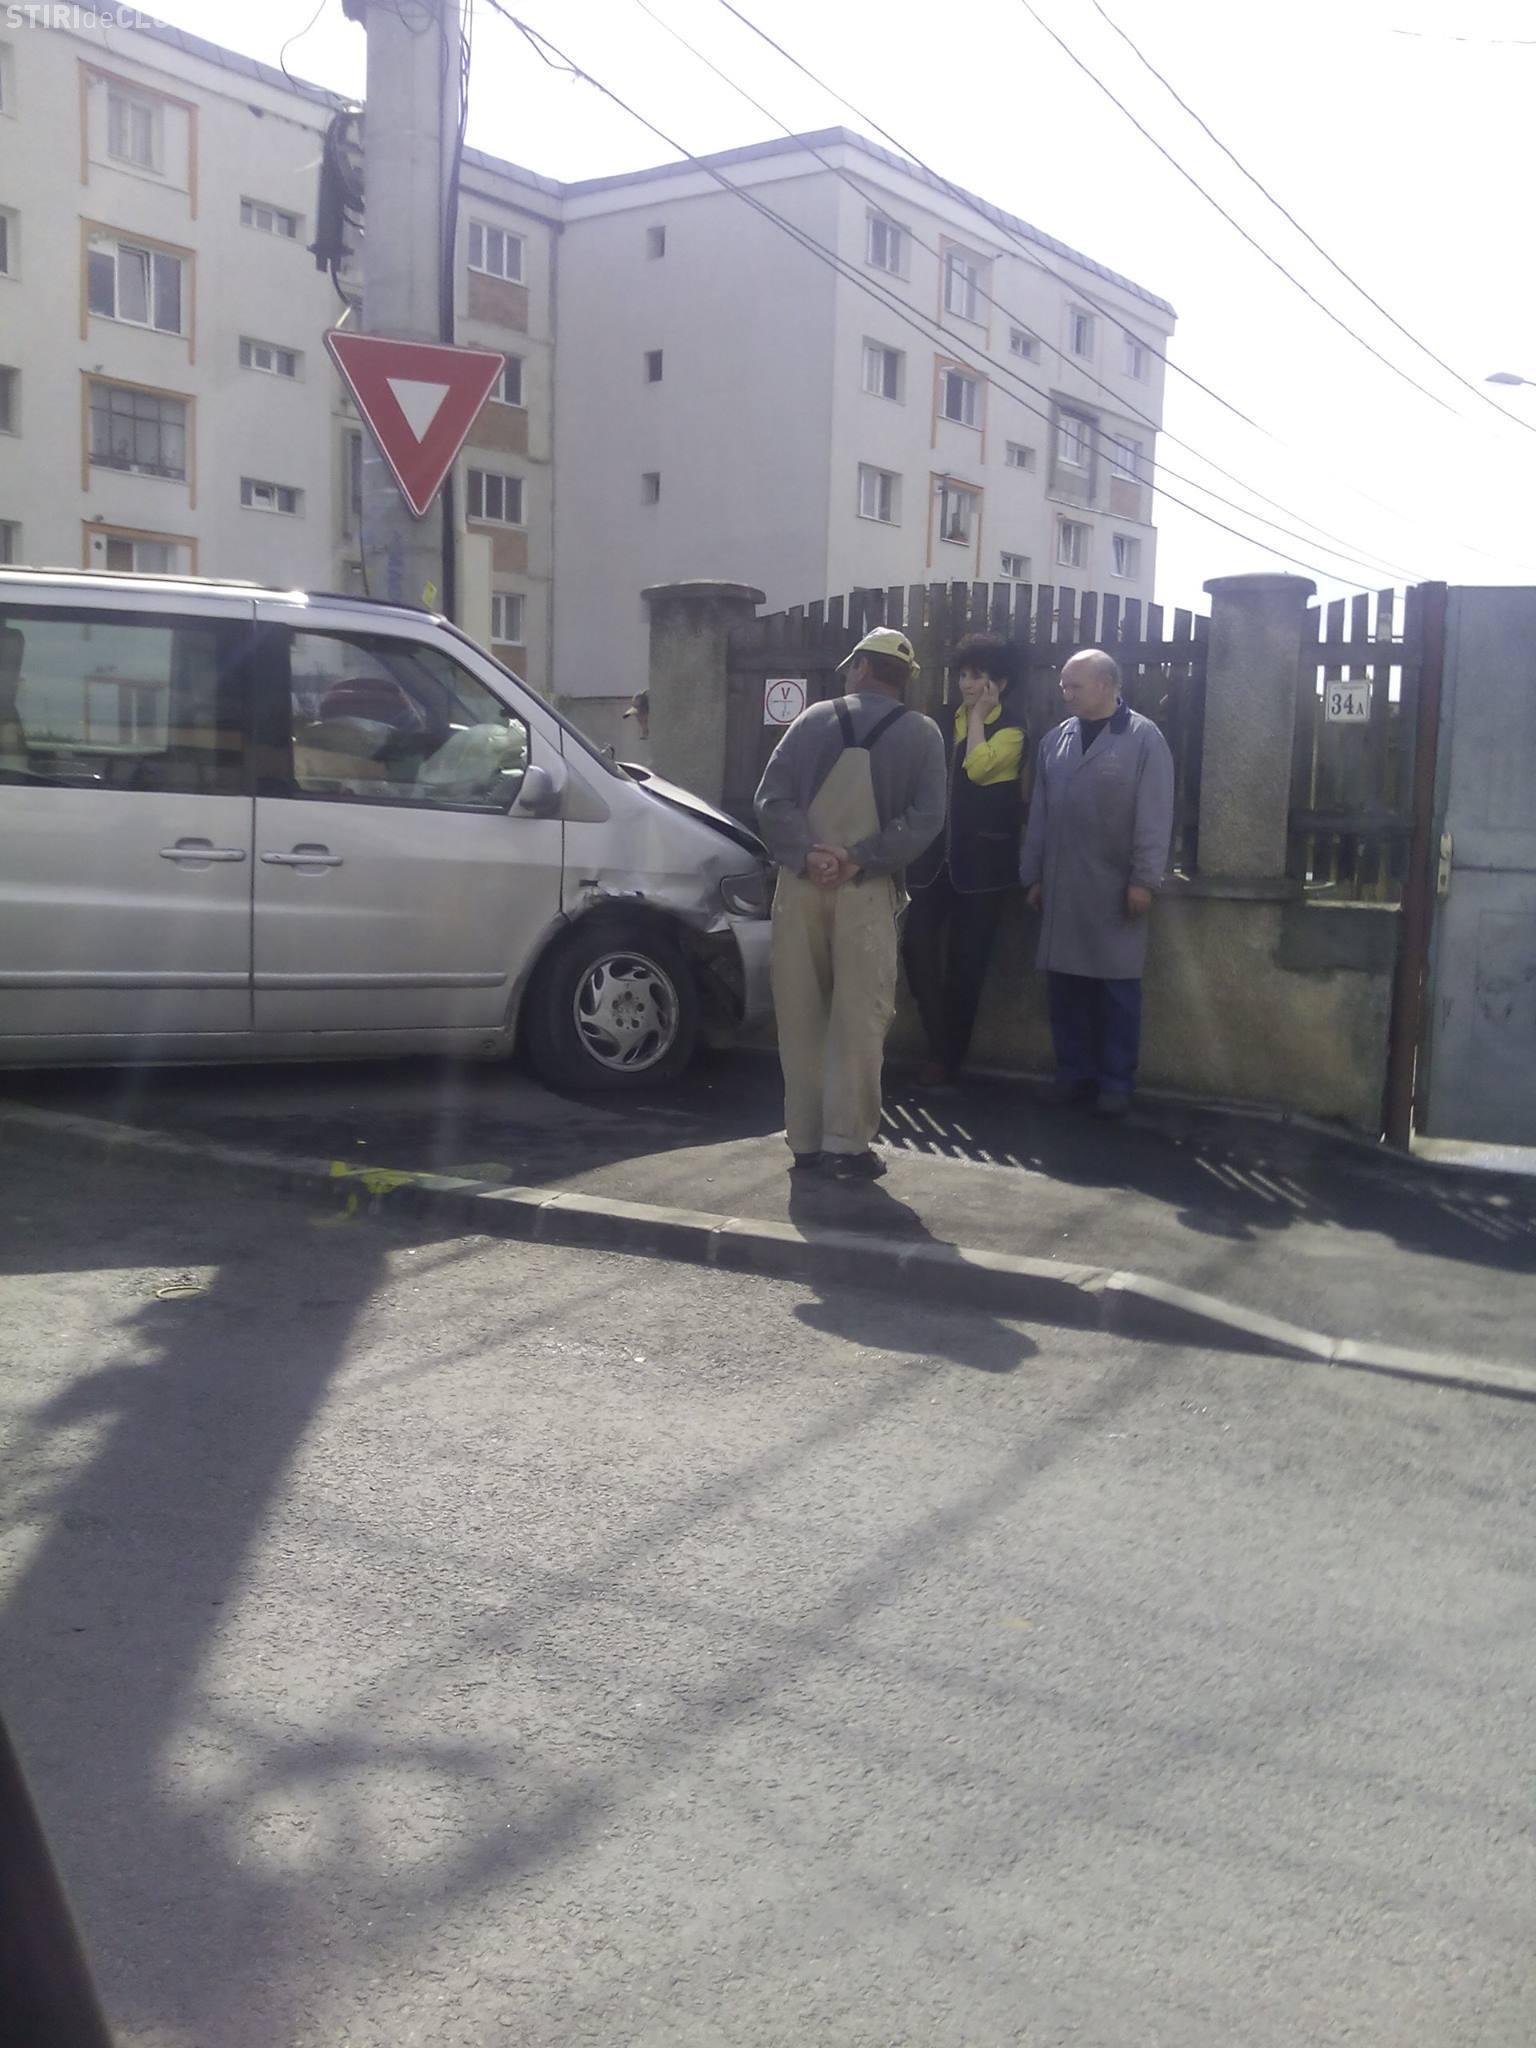 Intersecția blestemată din Cluj-Napoca